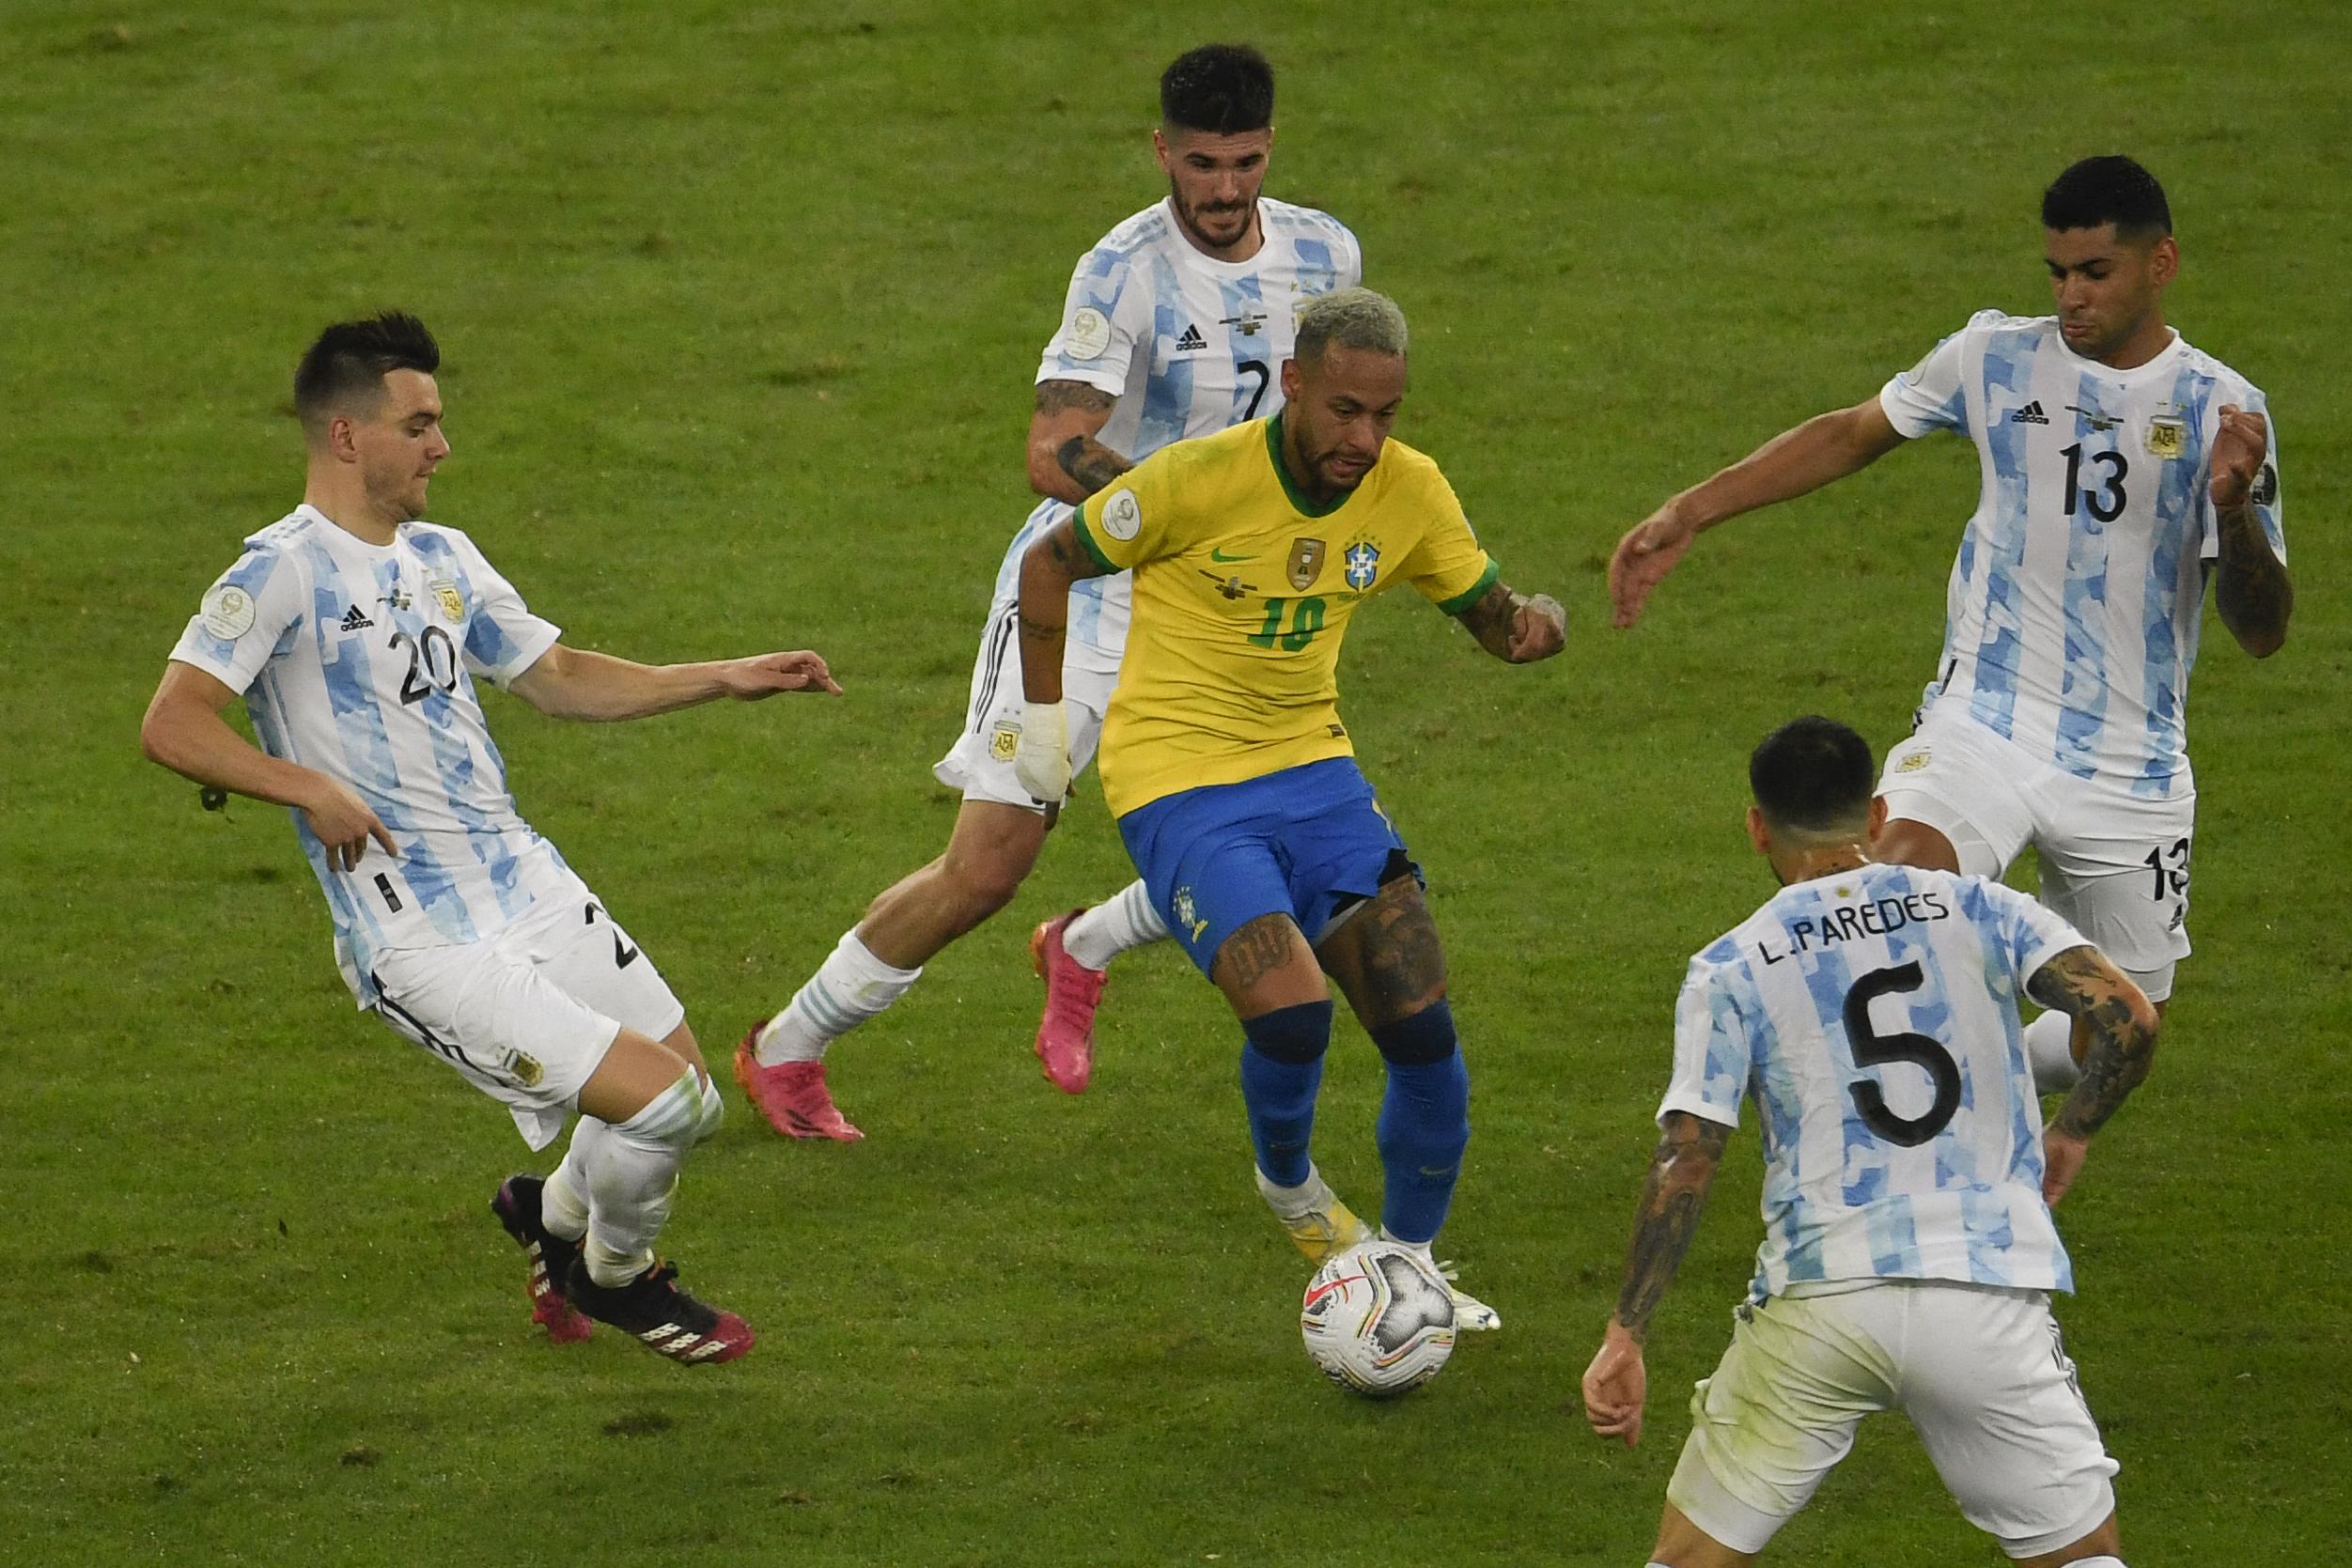 मैच के दौरान नेमार पर काबू पाने के लिए अर्जेंटीना के 4 डिफेंडर्स लगे। ये रणनीति सफल रही और नेमार कोई गोल नहीं कर सके।